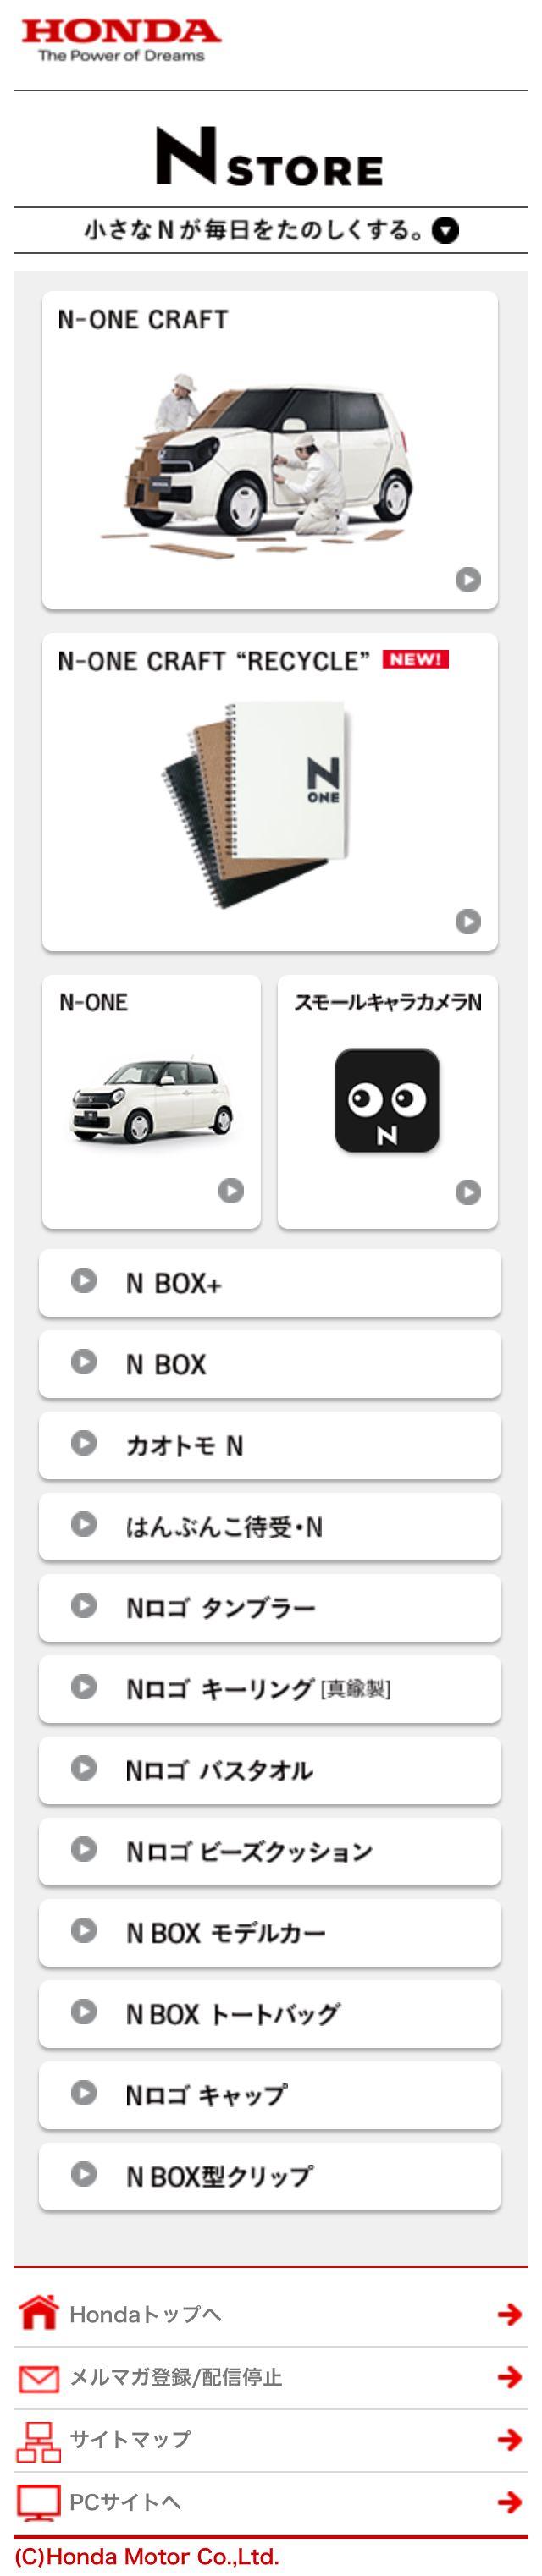 http://sp.honda.co.jp/honda/dream.honda.co.jp/N/